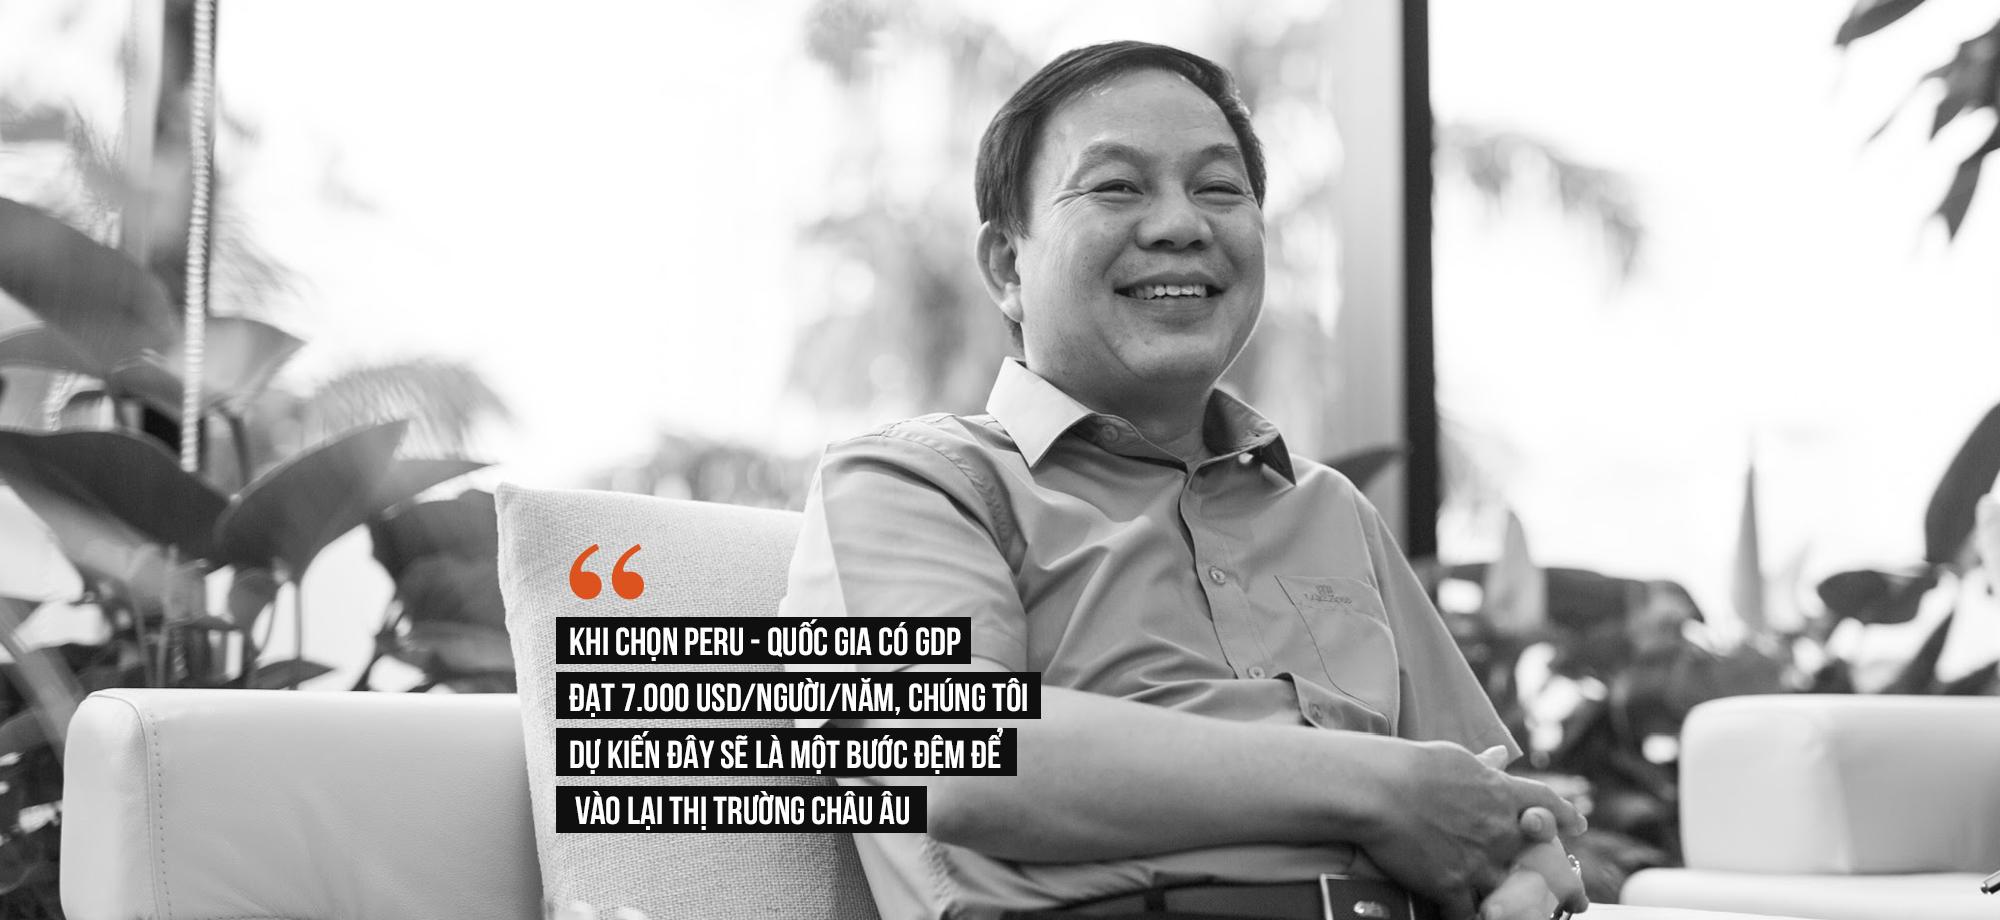 """Phó tổng giám đốc Viettel Lê Đăng Dũng: """"Chúng tôi vẫn nuôi giấc mơ vào châu Âu"""" - Ảnh 6."""